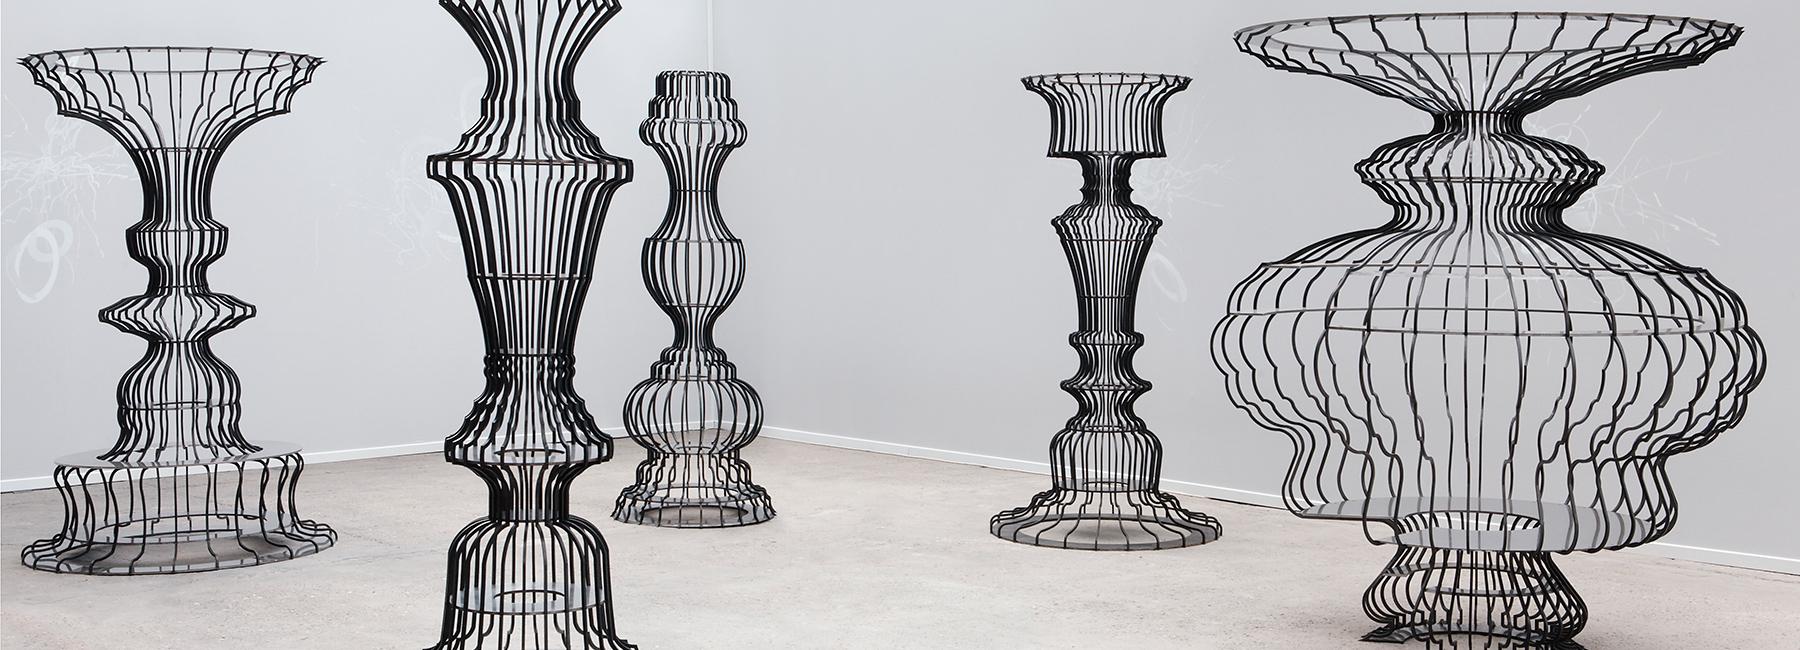 作品由五件柱形铁艺雕塑组成,每件雕塑净高两米四      铁架书槽